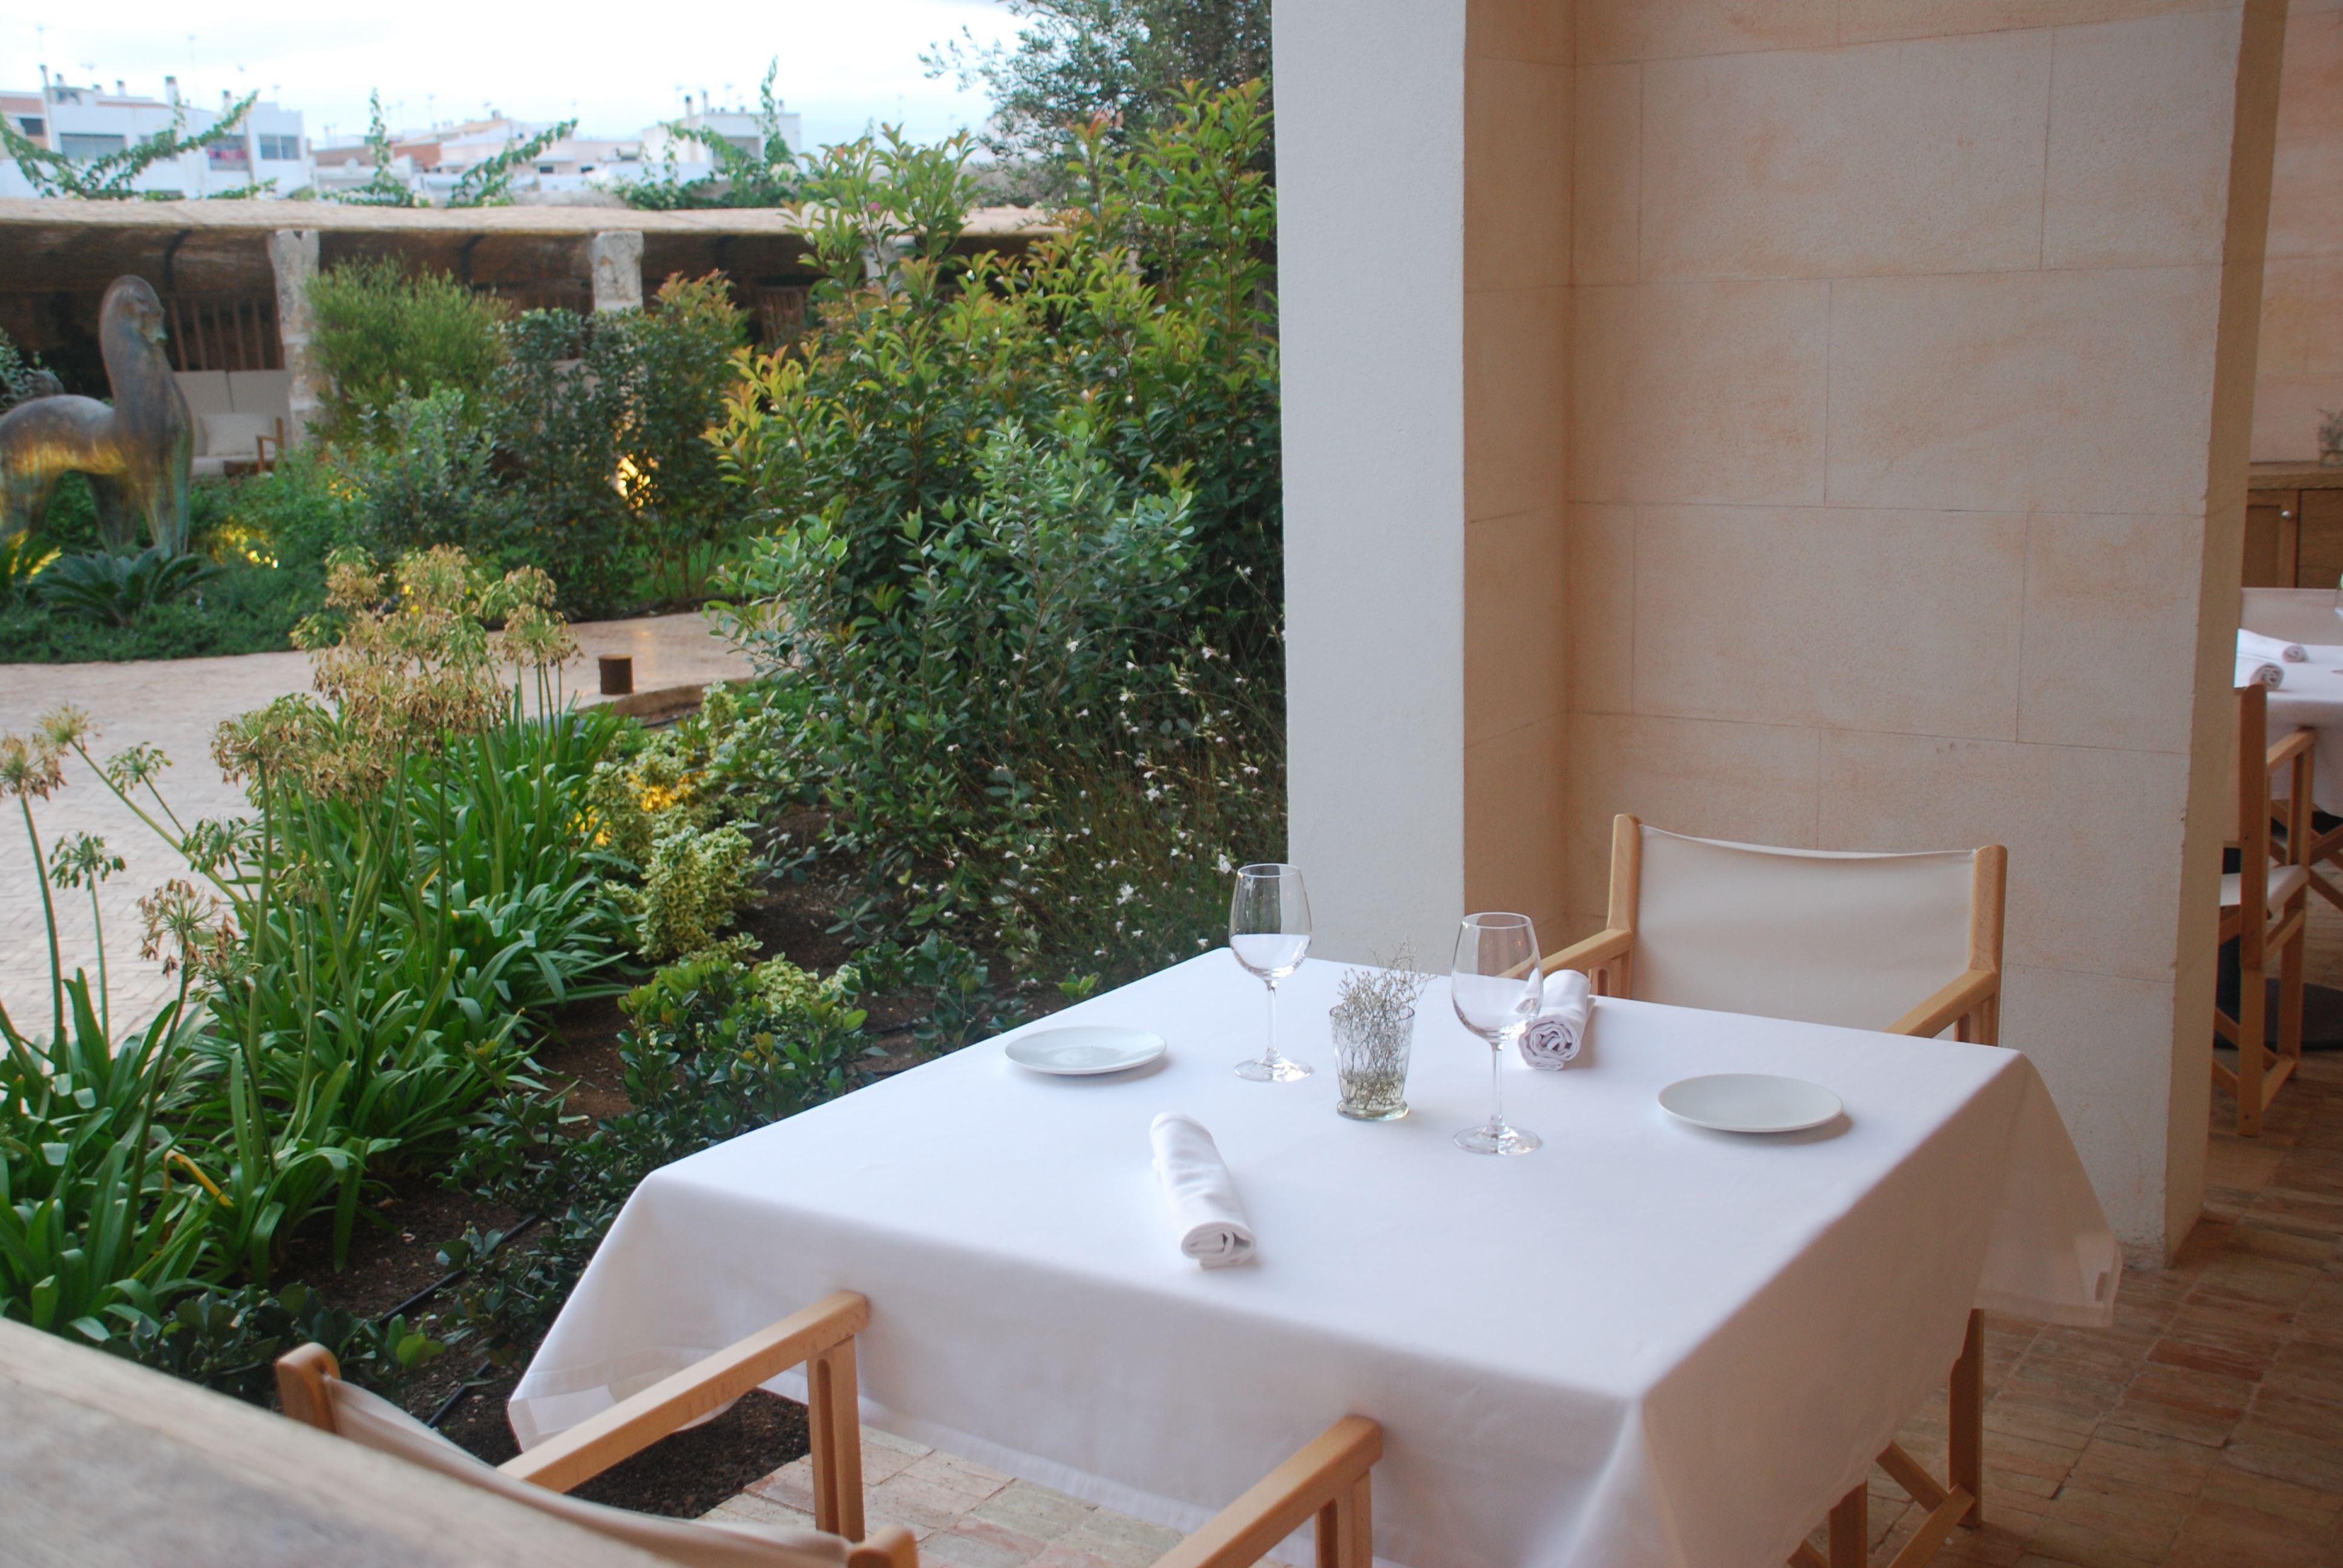 Restaurang på Hotell Can Faustino, Ciutadella Menorca